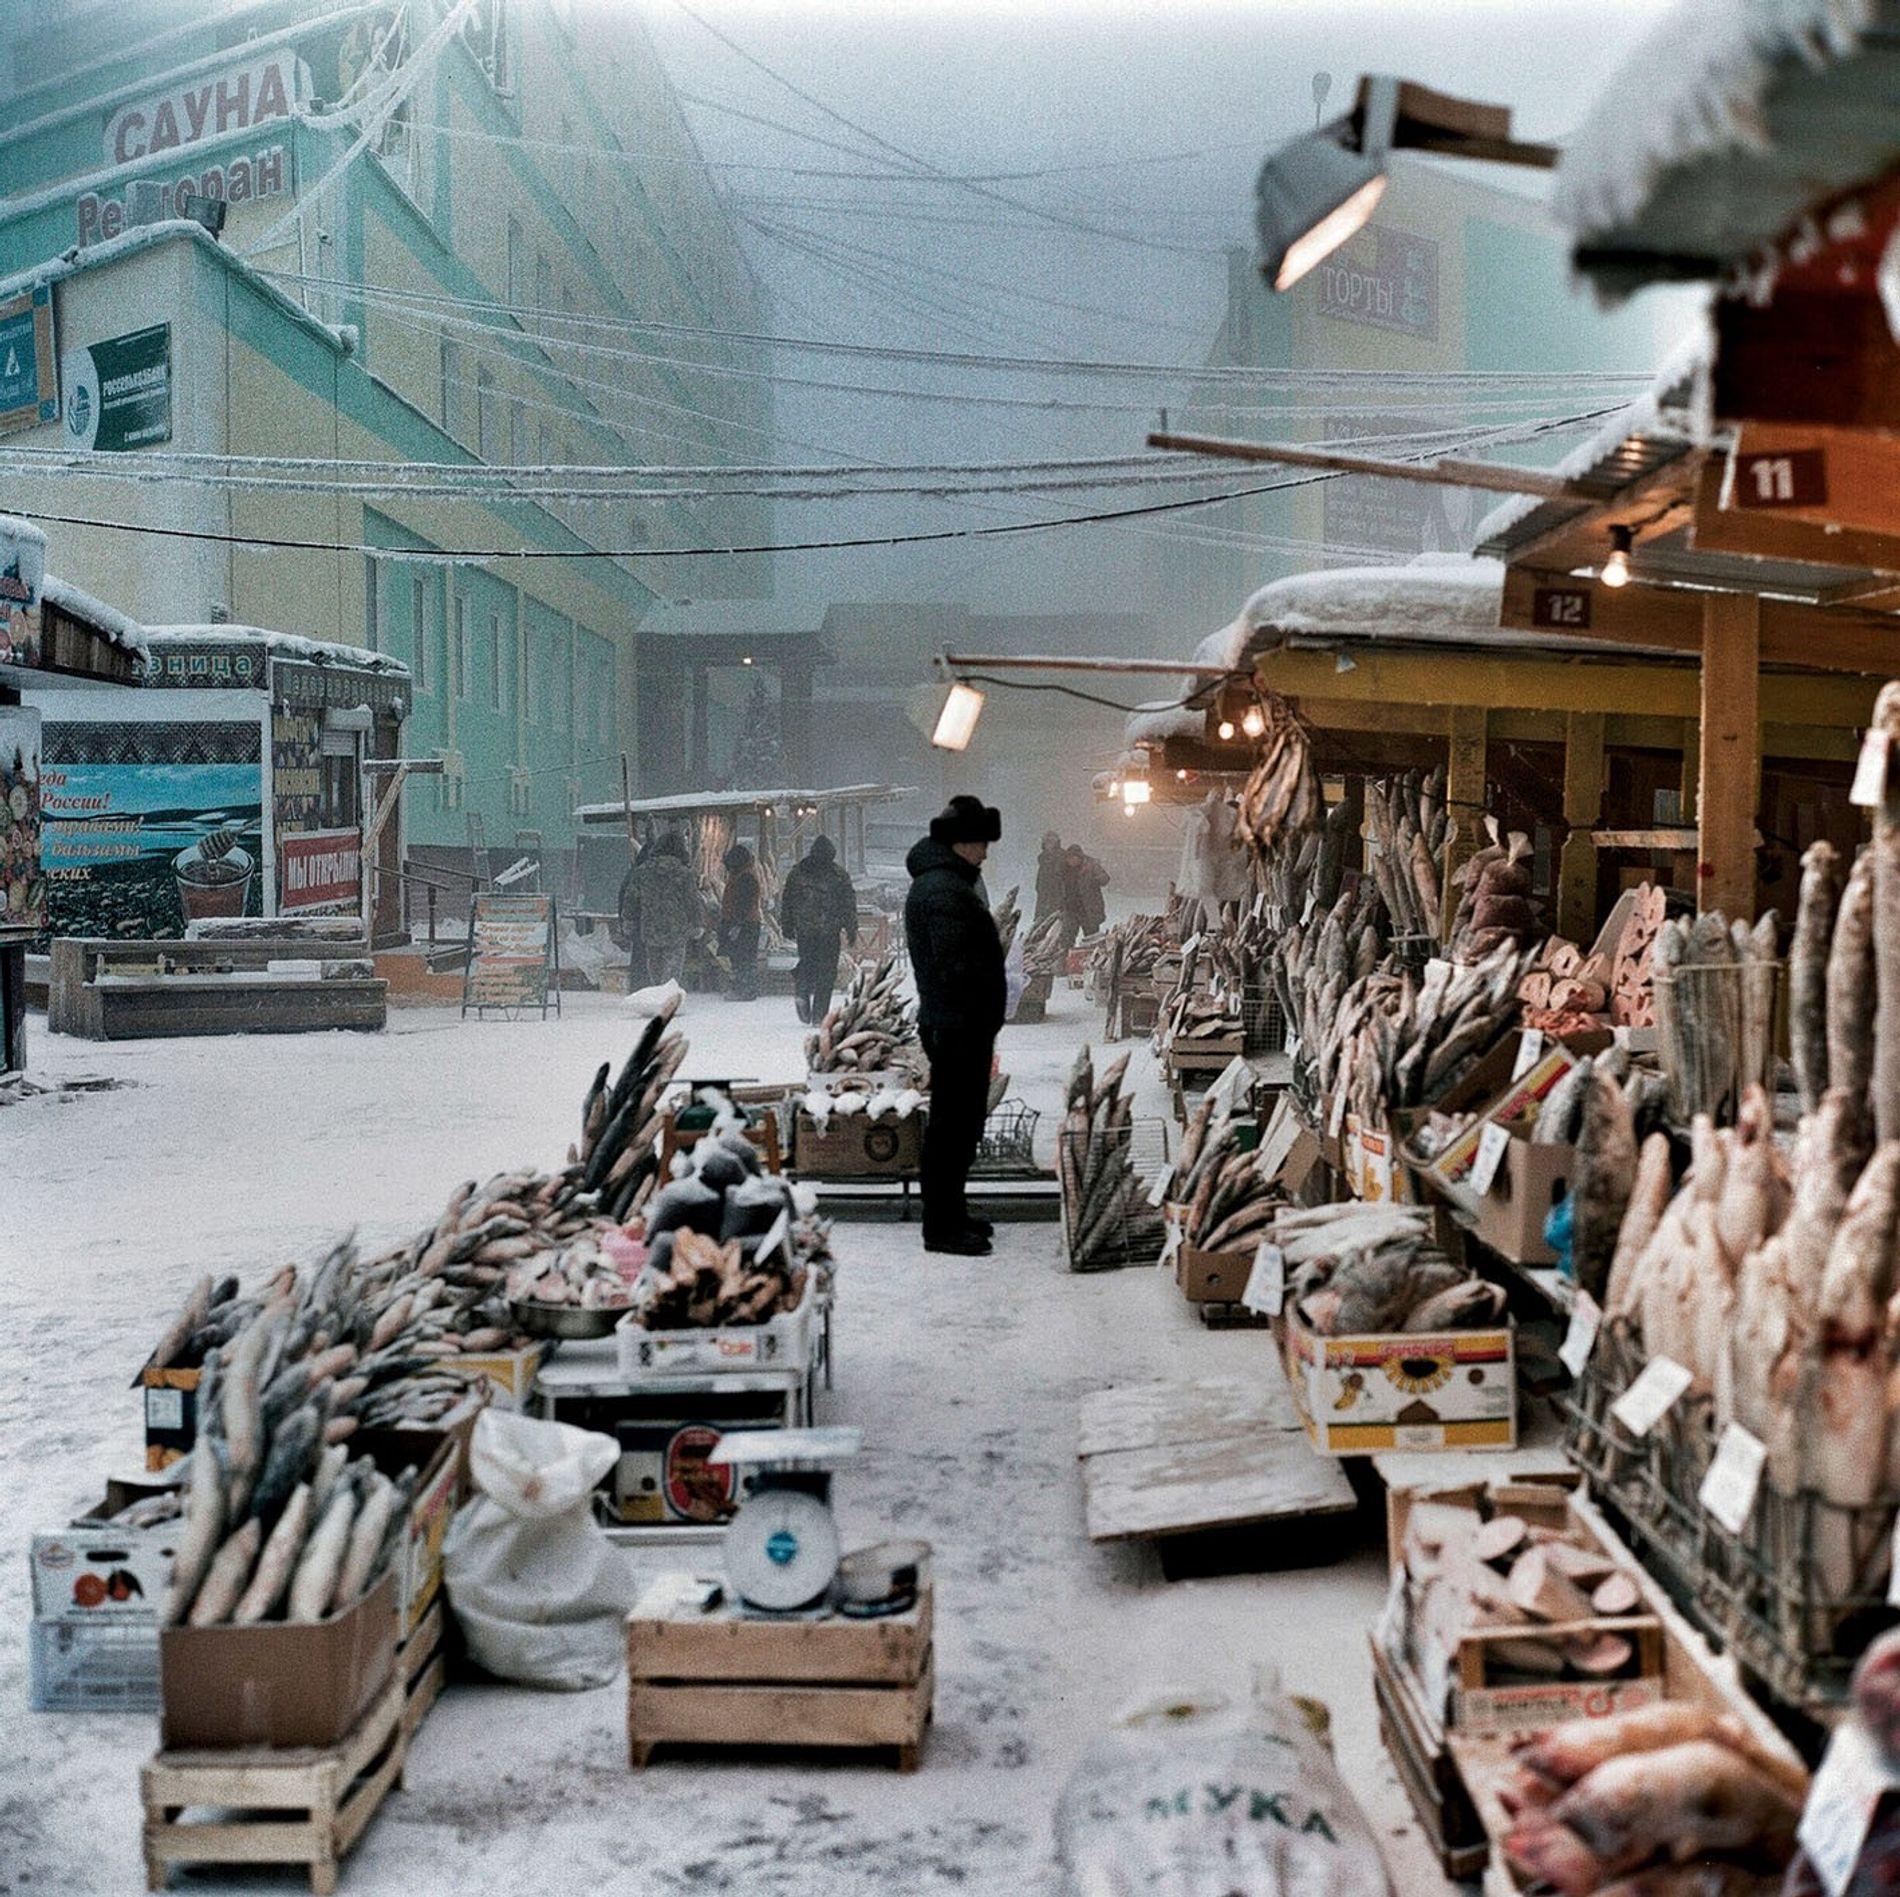 Le port de Iakoutsk sur la Lena permet de pêcher des poissons qui, dans le froid hivernal, restent parfaitement rigides sur les étals du marché.